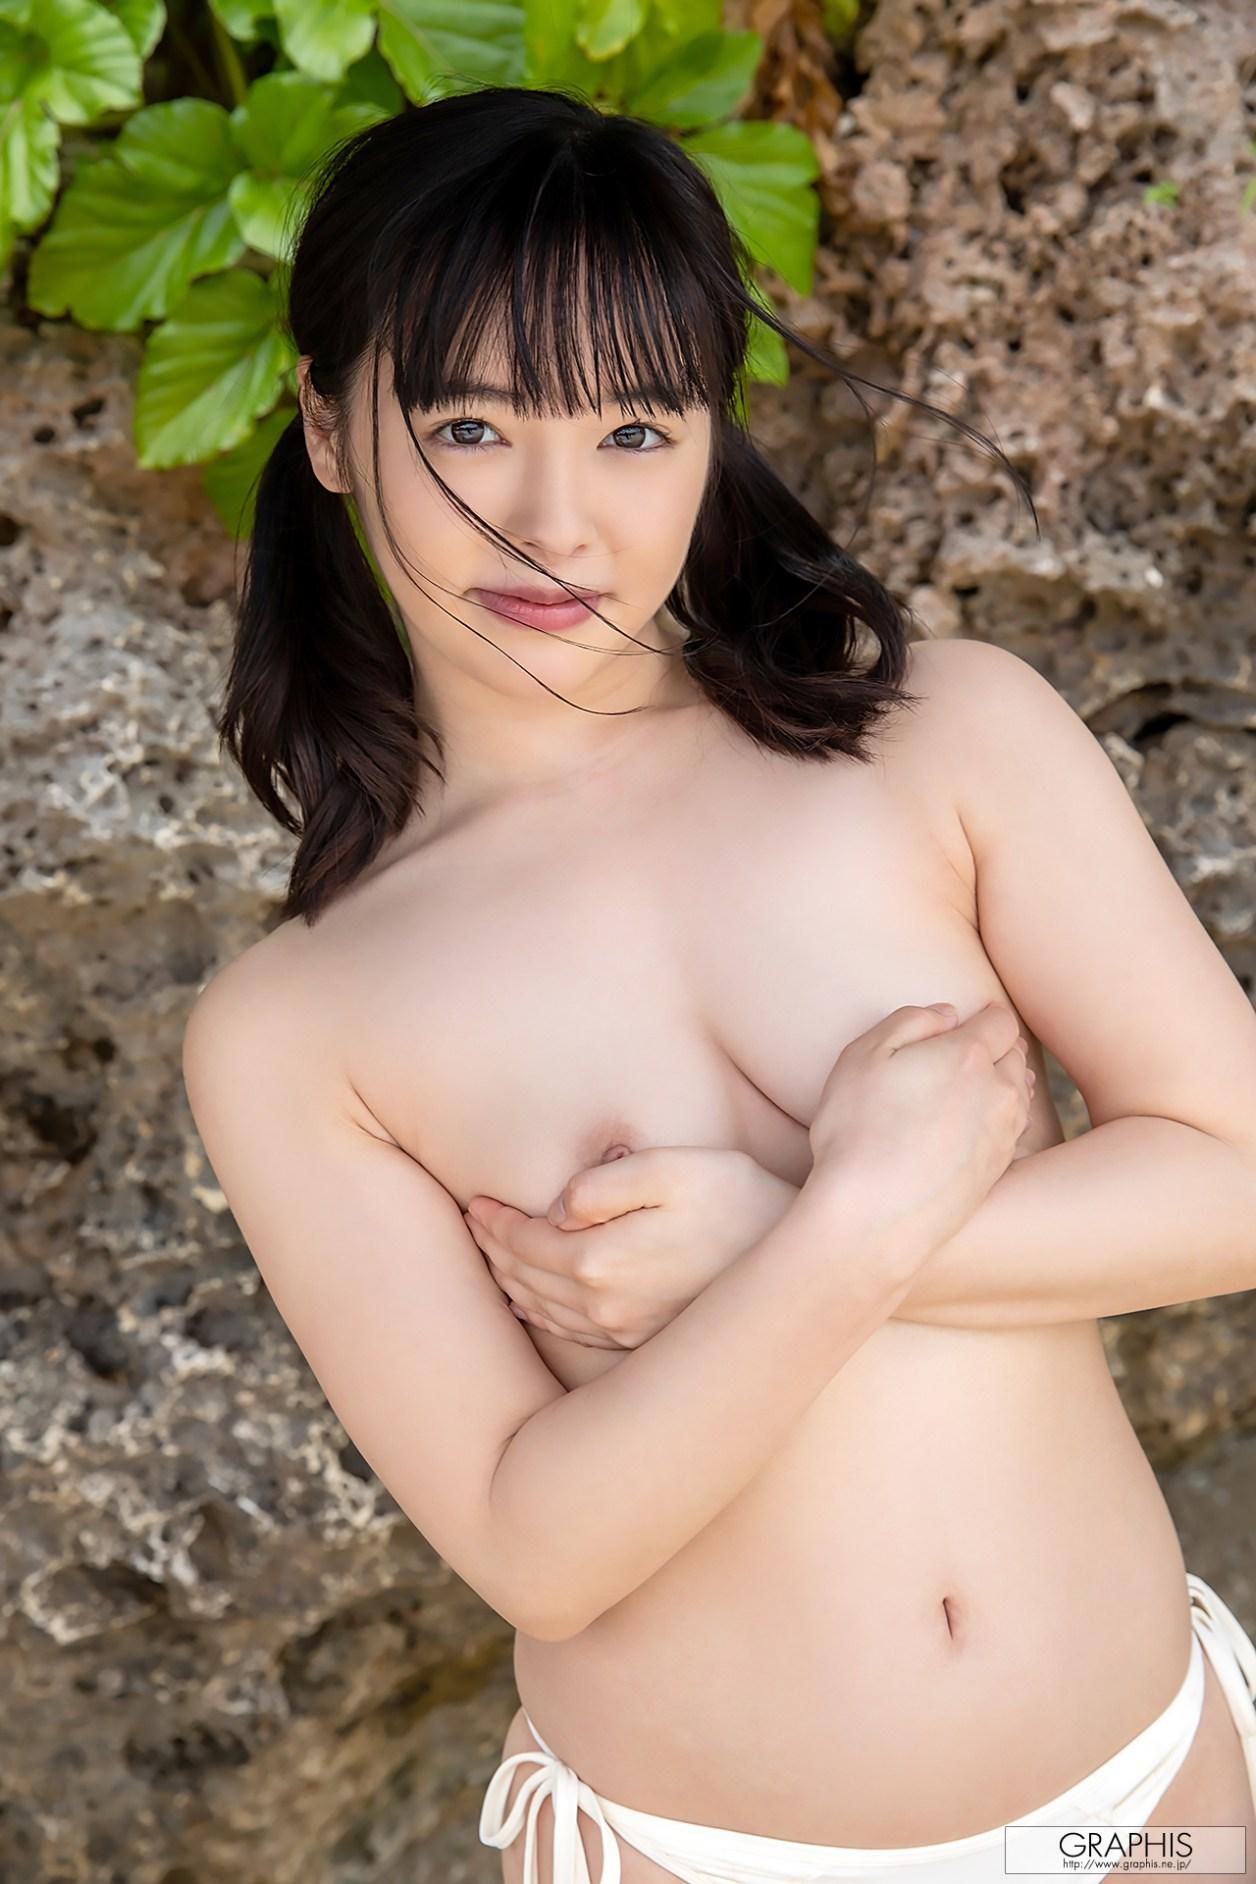 三次元 3次元 エロ画像 AV女優  小倉由菜 ヌード  べっぴん娘通信 019